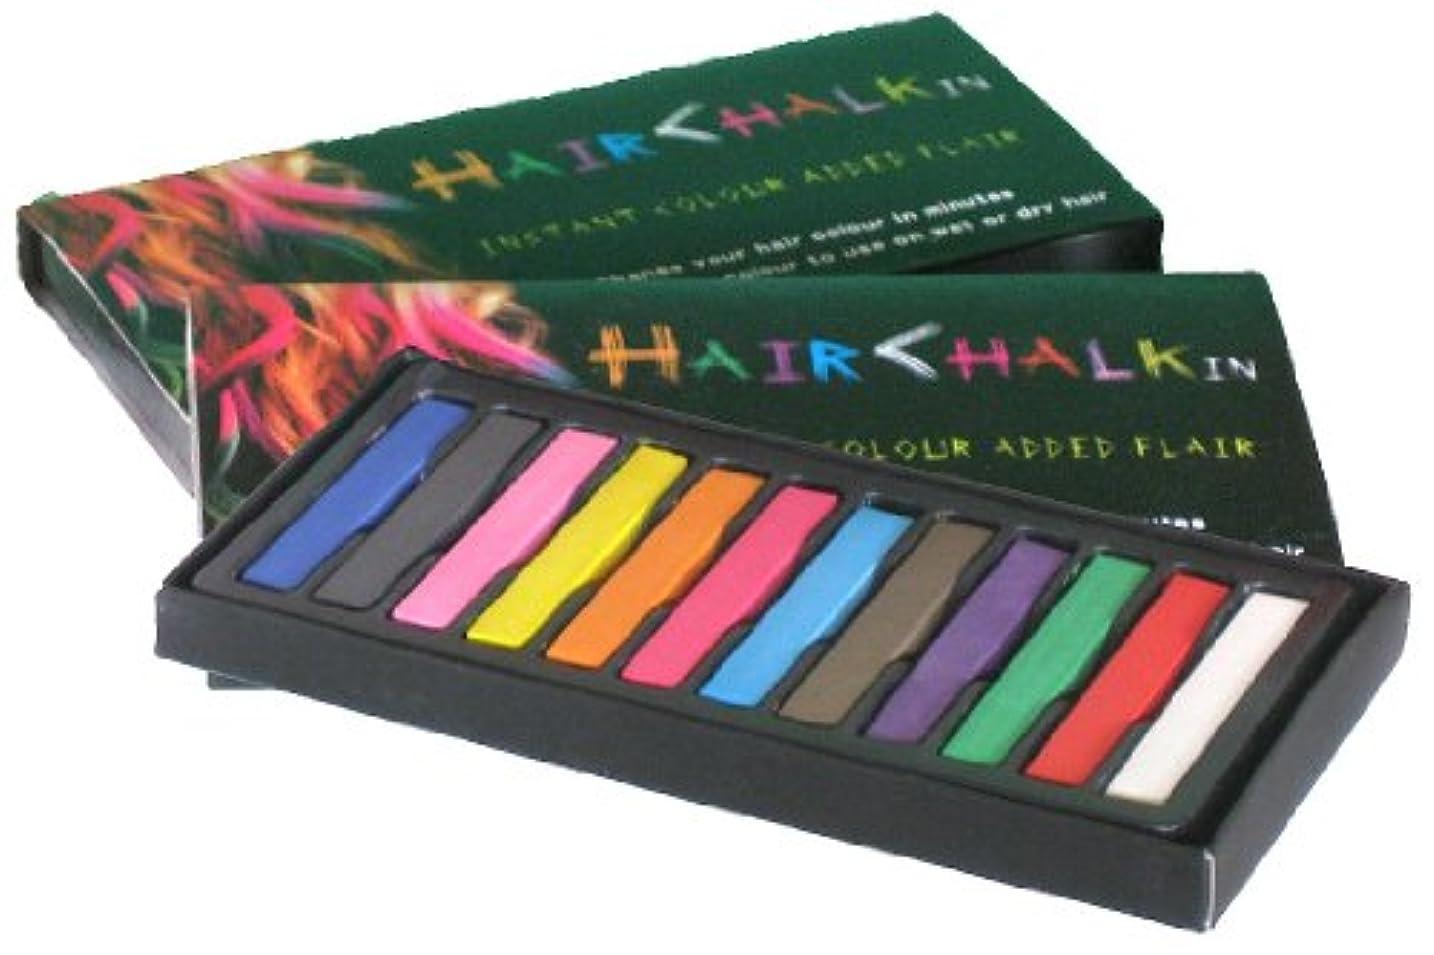 延期するインタラクション警告する大ブレイク中!HAIR CHALKIN 選べる 12色/24色 髪専用に開発された安心商品!! ヘアチョーク ヘアカラーチョーク  一日だけのヘアカラーでイメチェンが楽しめる!美容室のヘアカラーでは表現しづらい色も表現できます...